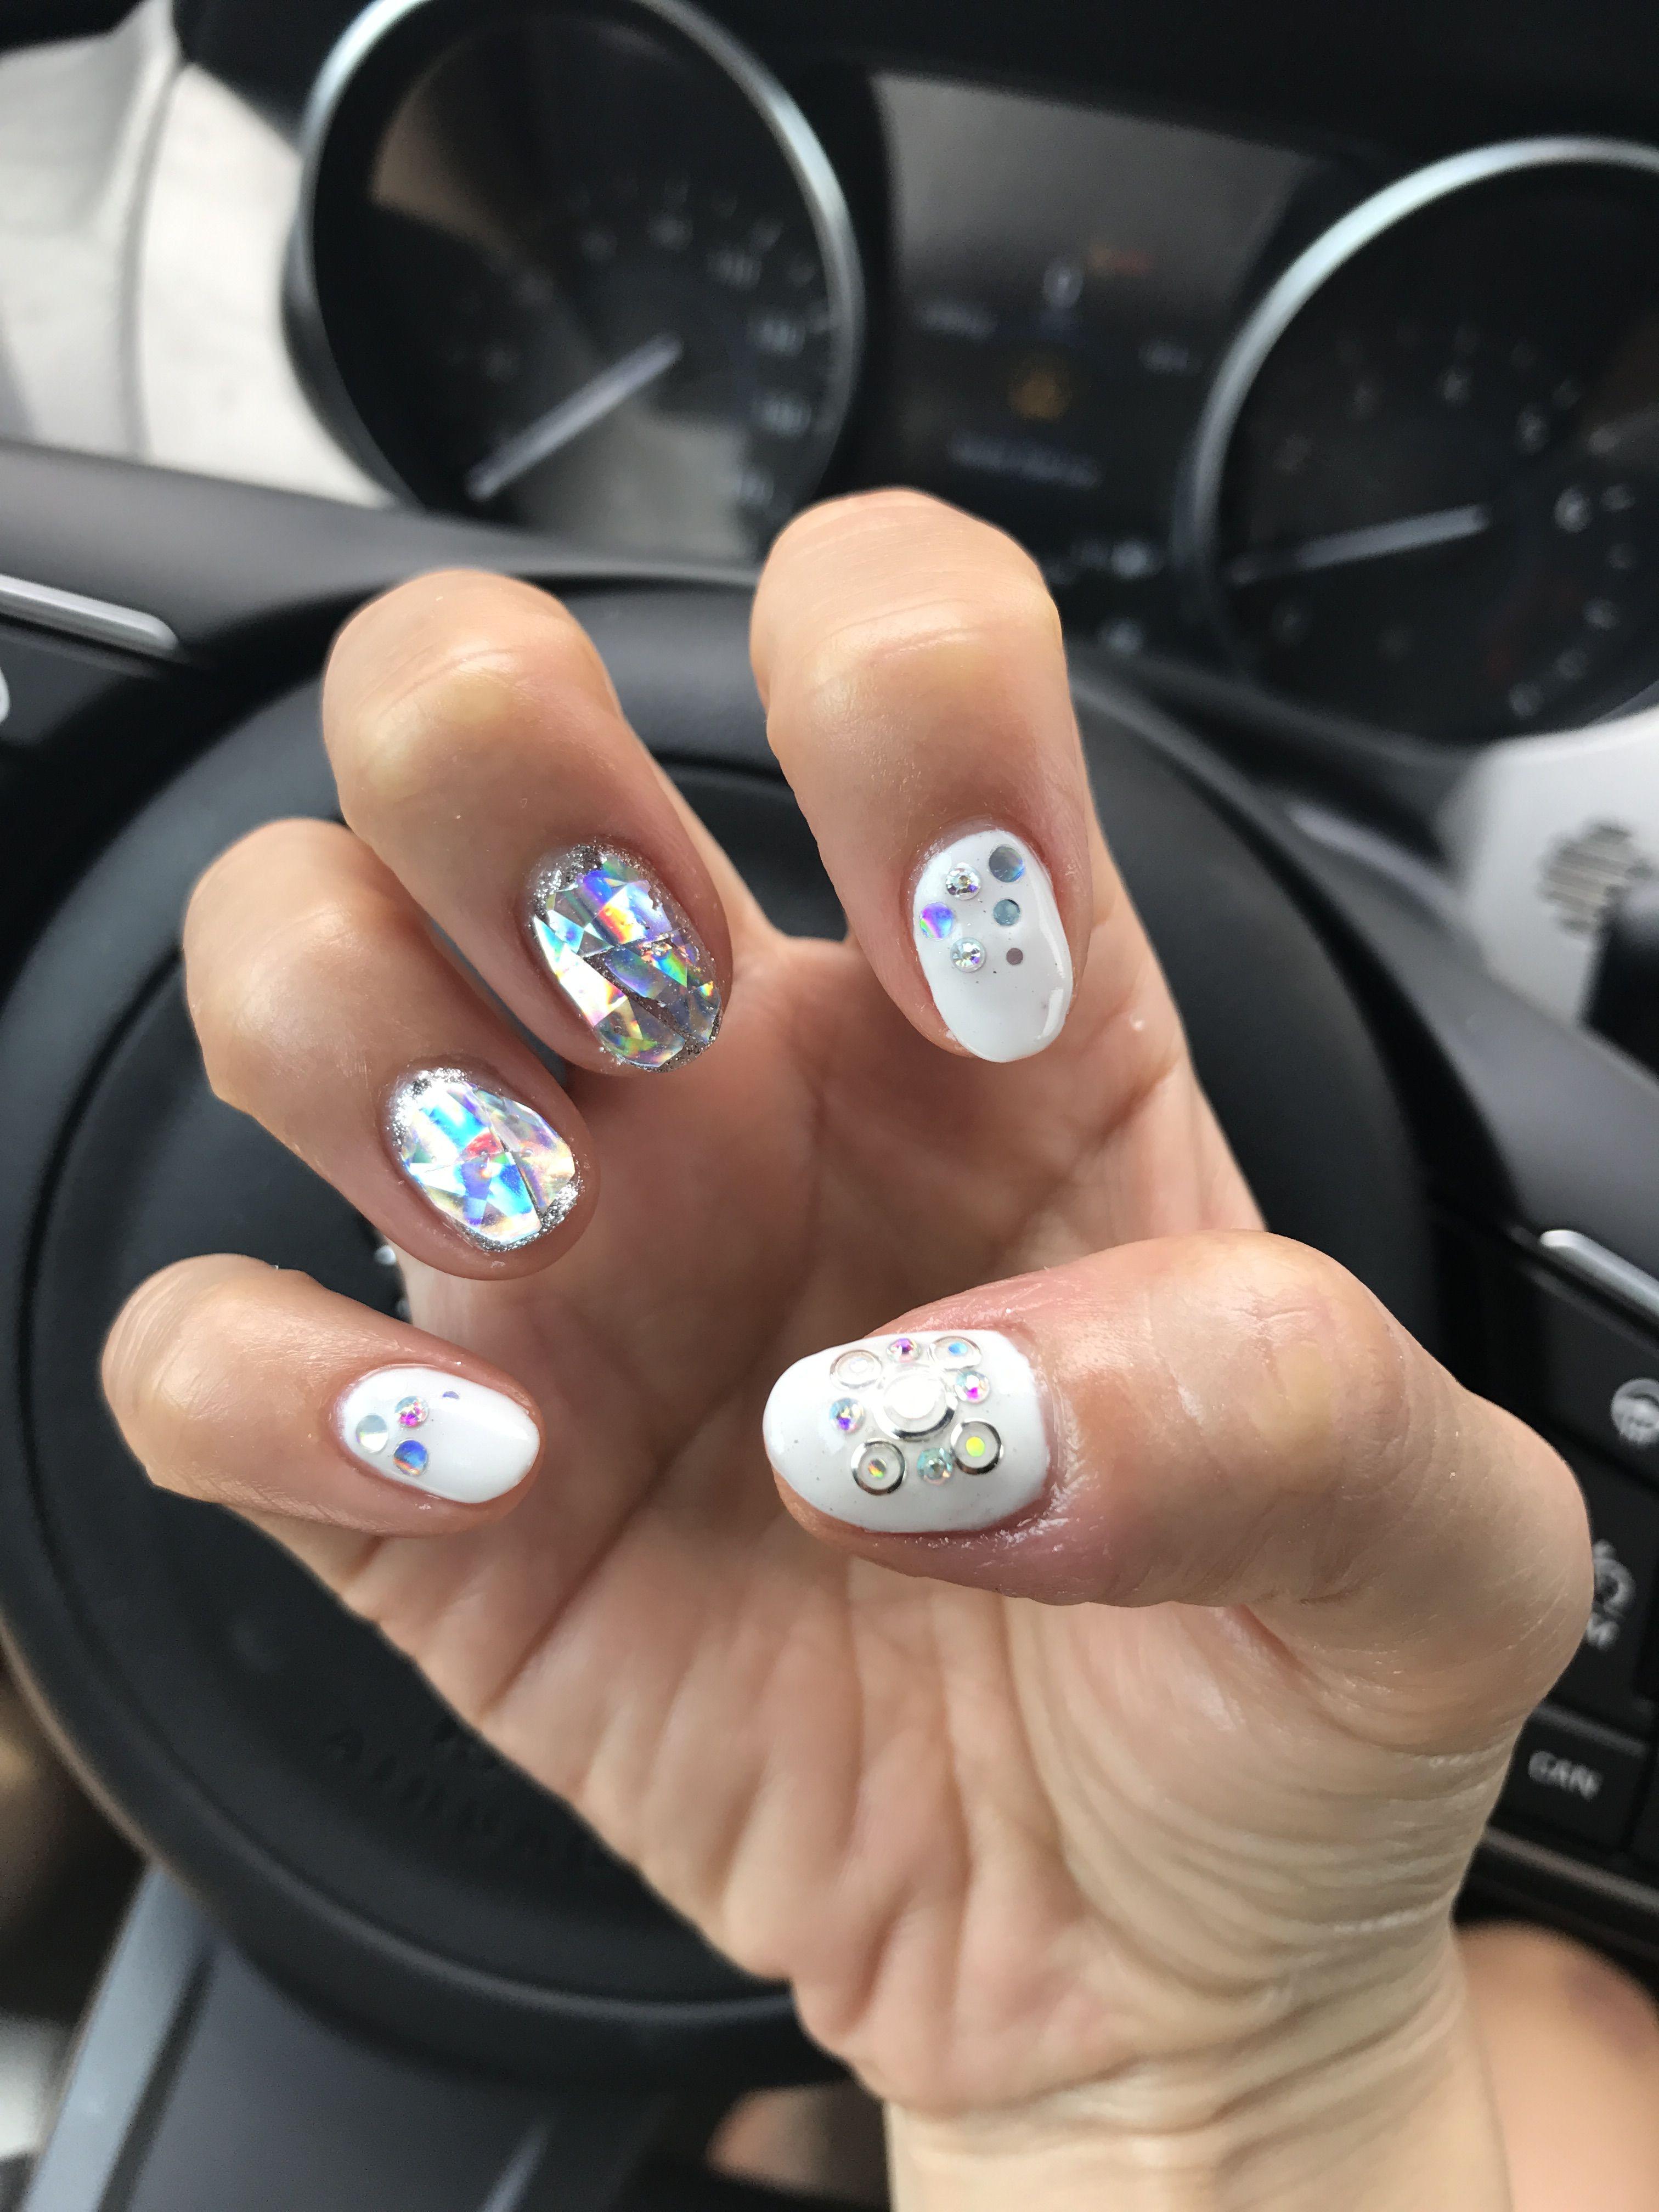 Korean gel nail design trend - white hard gel with hologram glitter ...